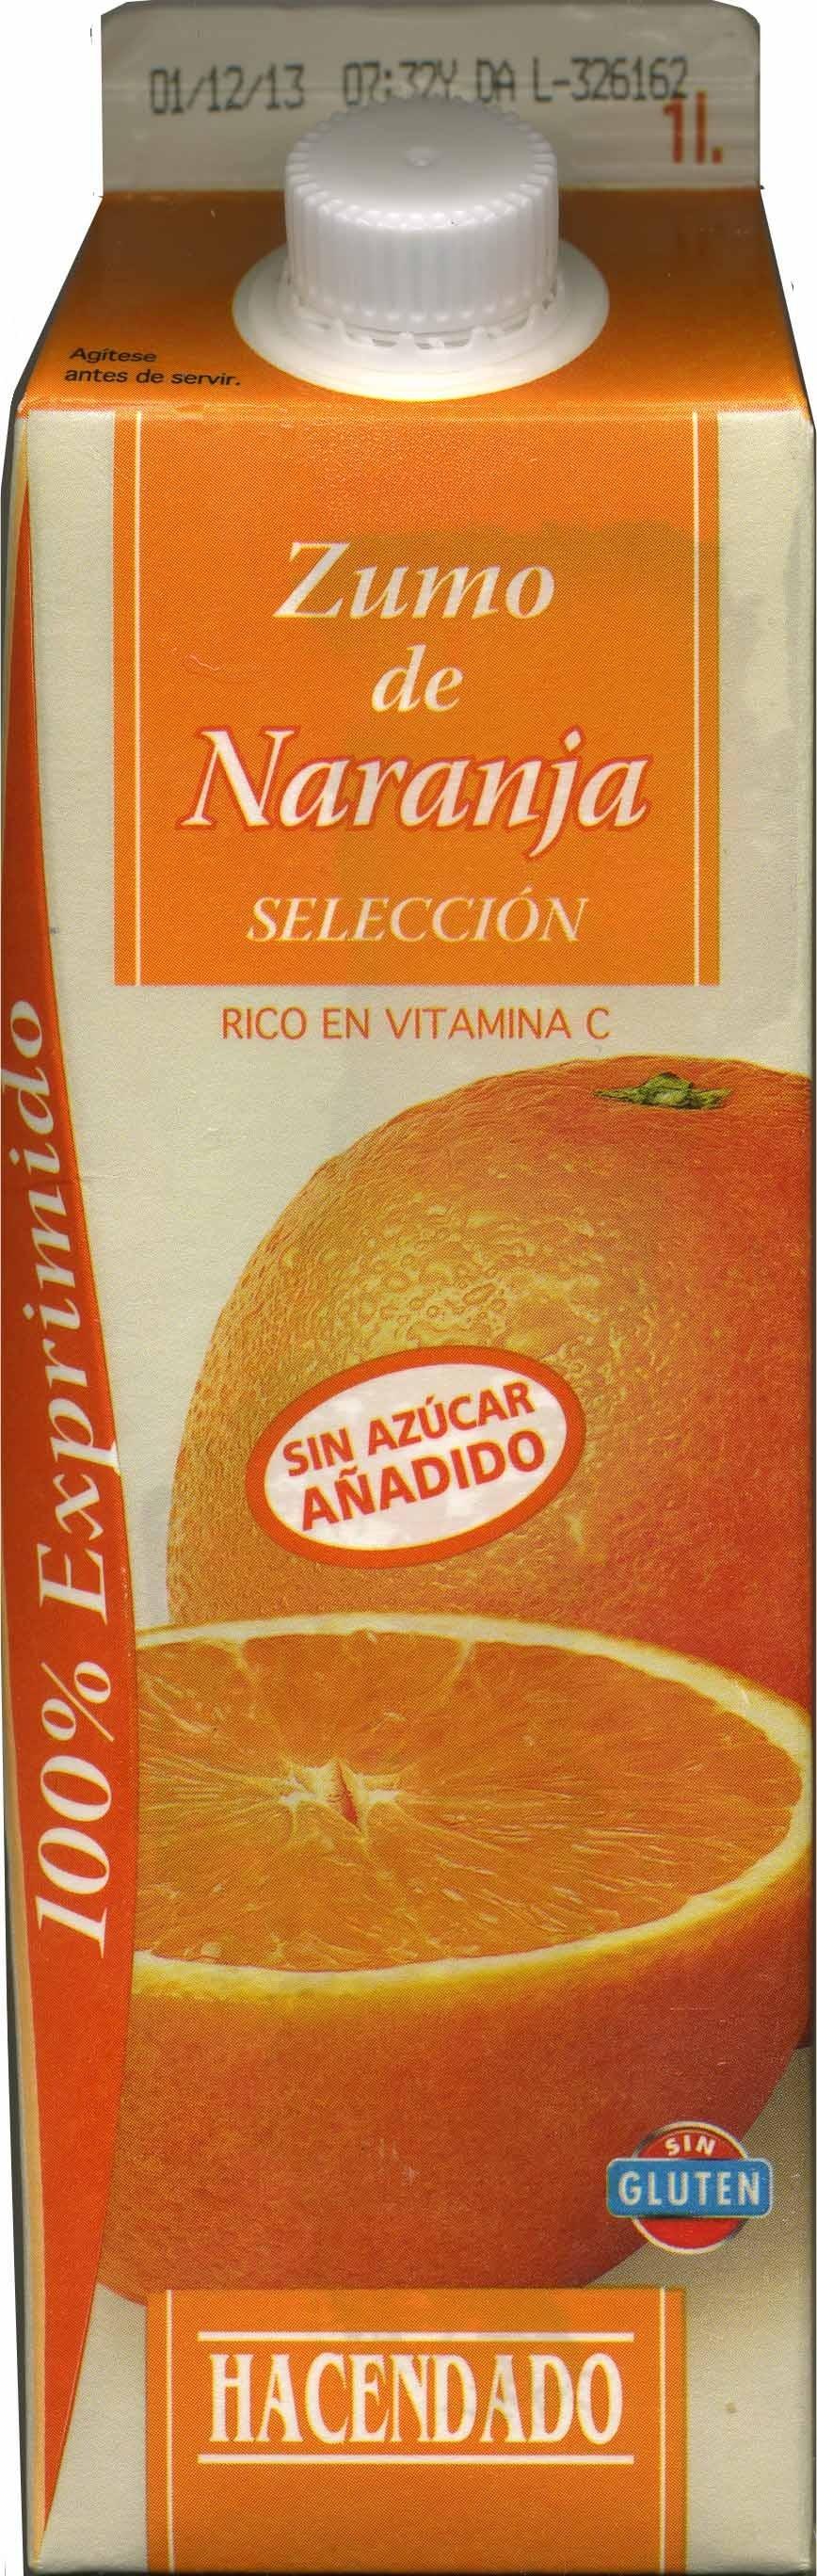 Zumo de naranja 100% exprimido - Producte